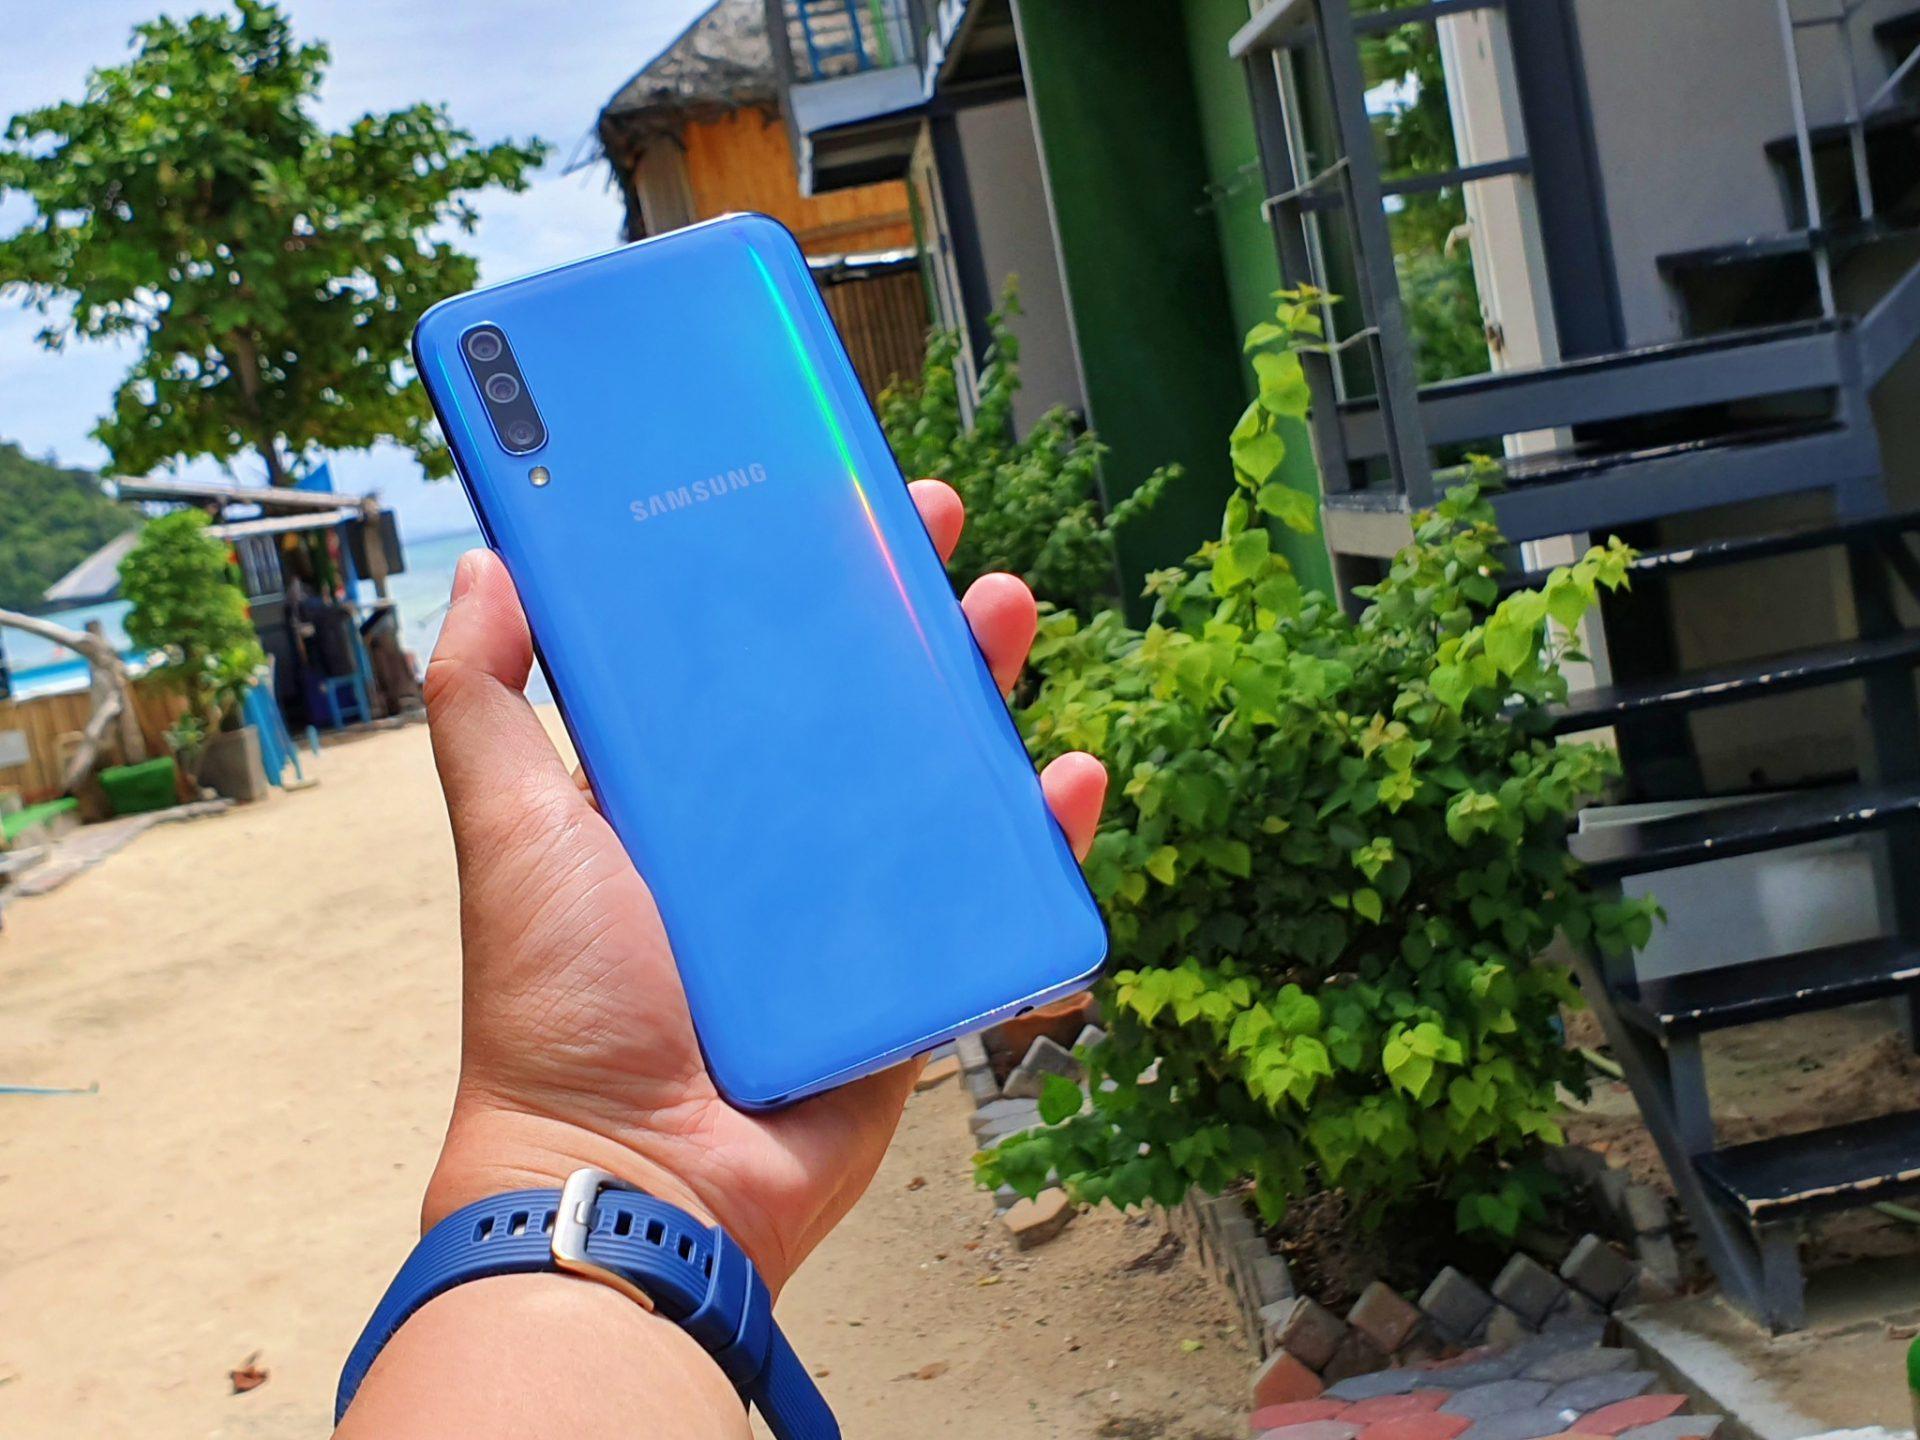 Galaxy A70 theo chân mình đi du lịch khắp Thái Lan cả ngày hè mà không cần sạc?